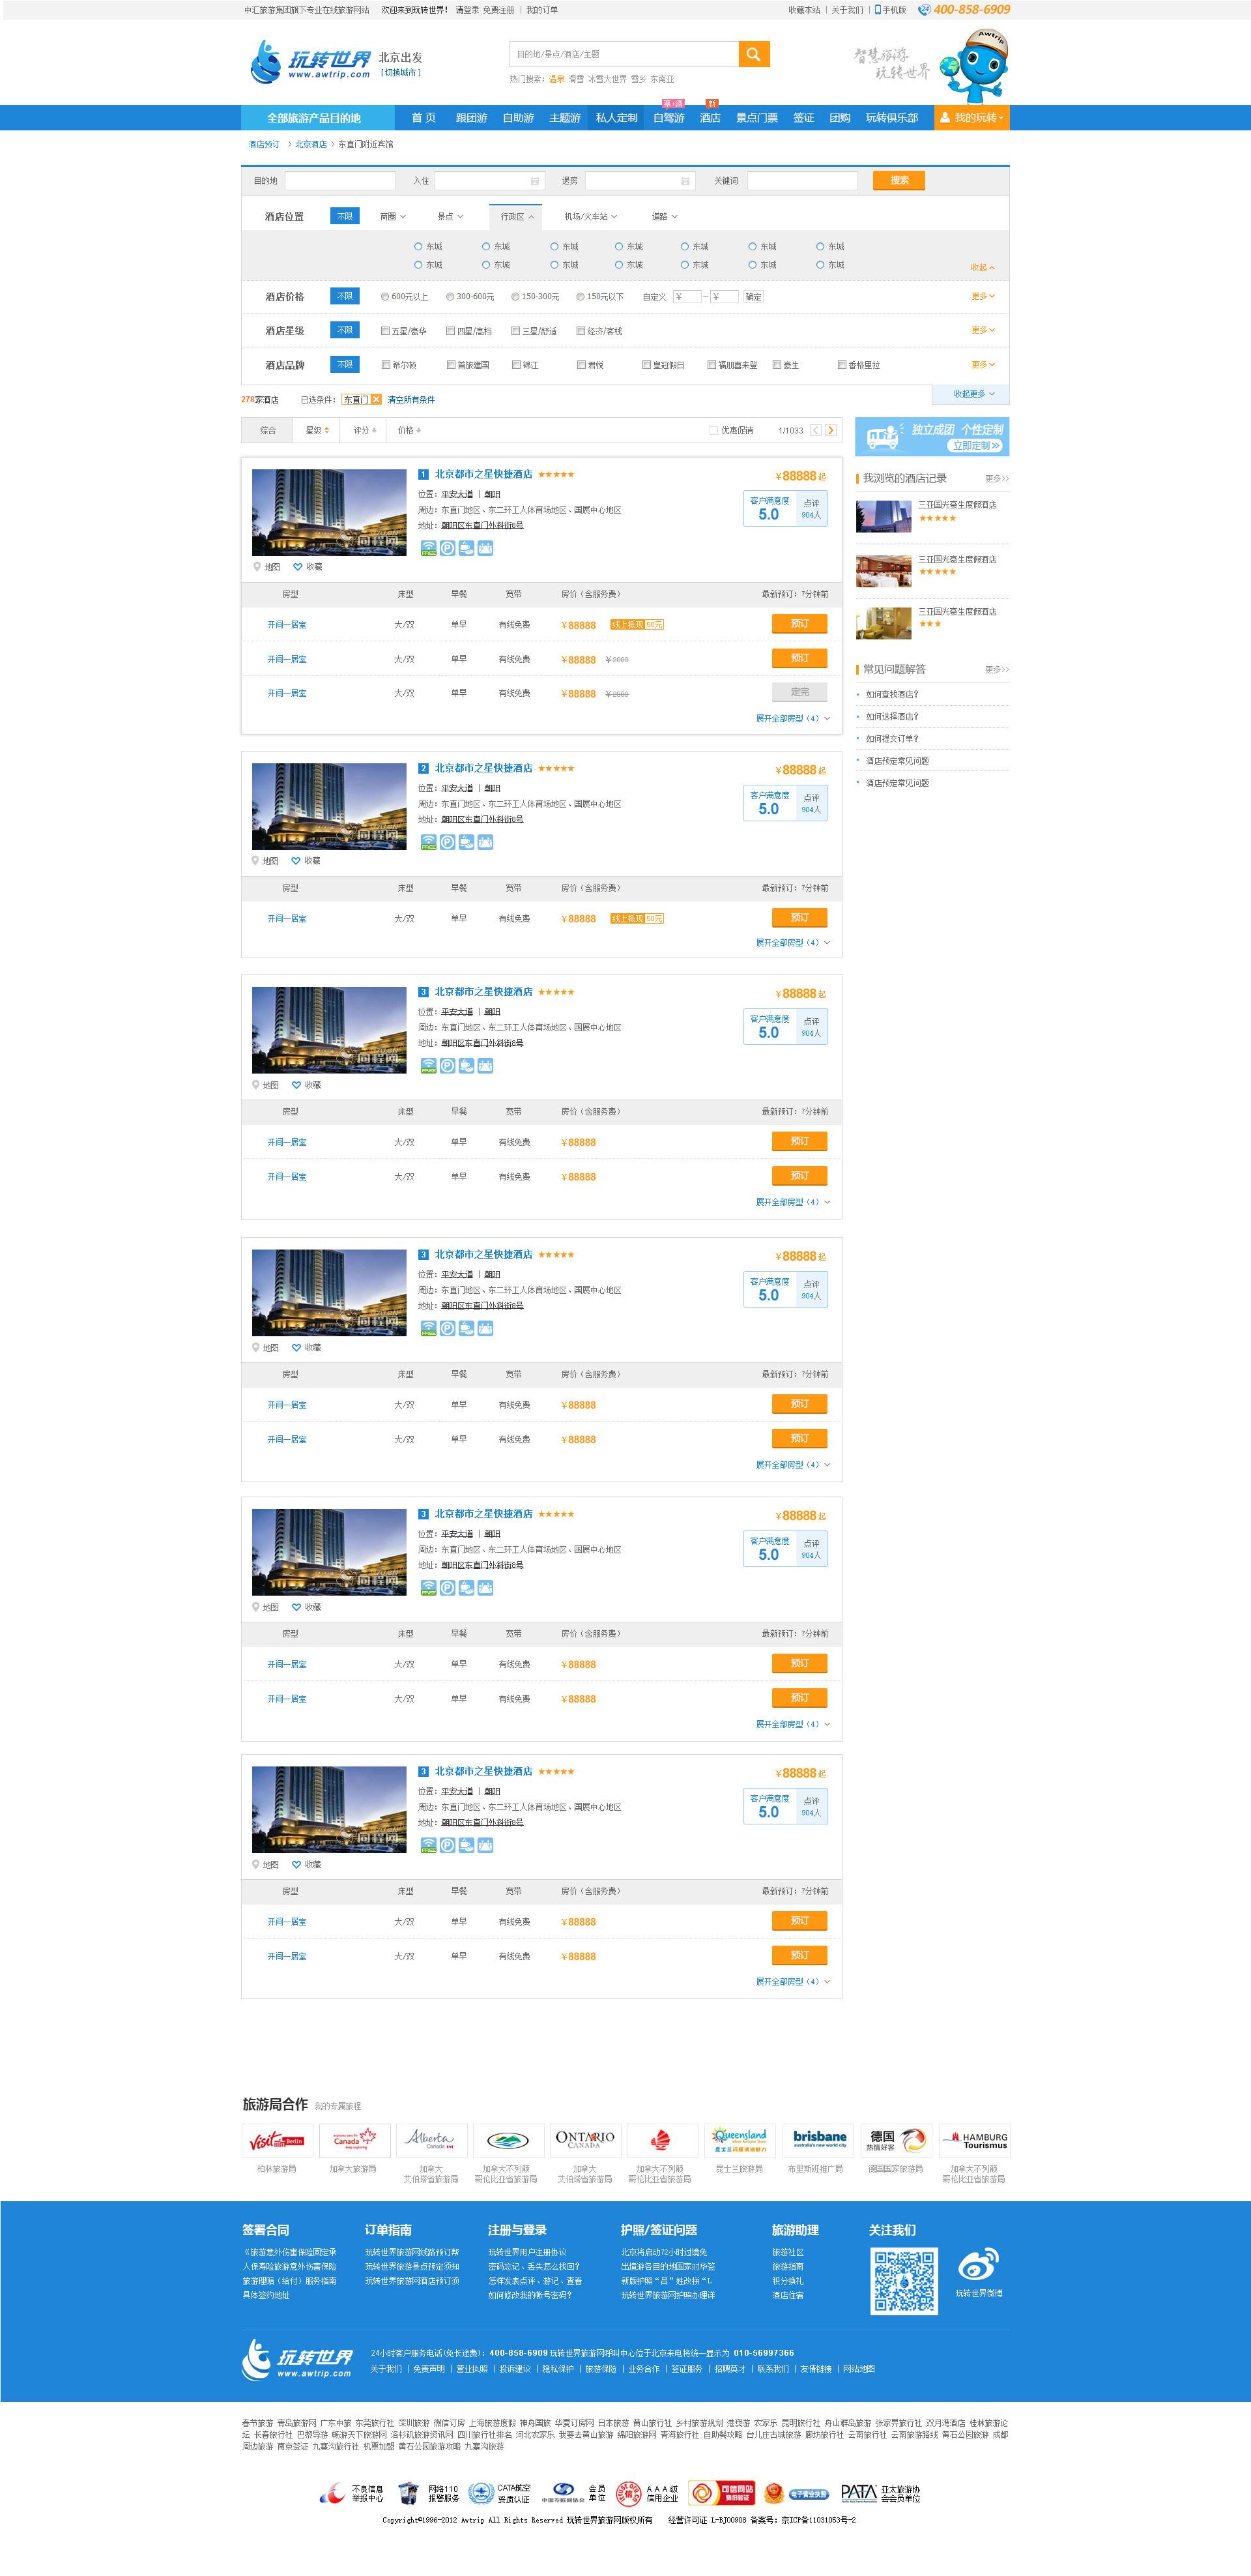 旅游电商网站整站框架产品规划和页面设计图片